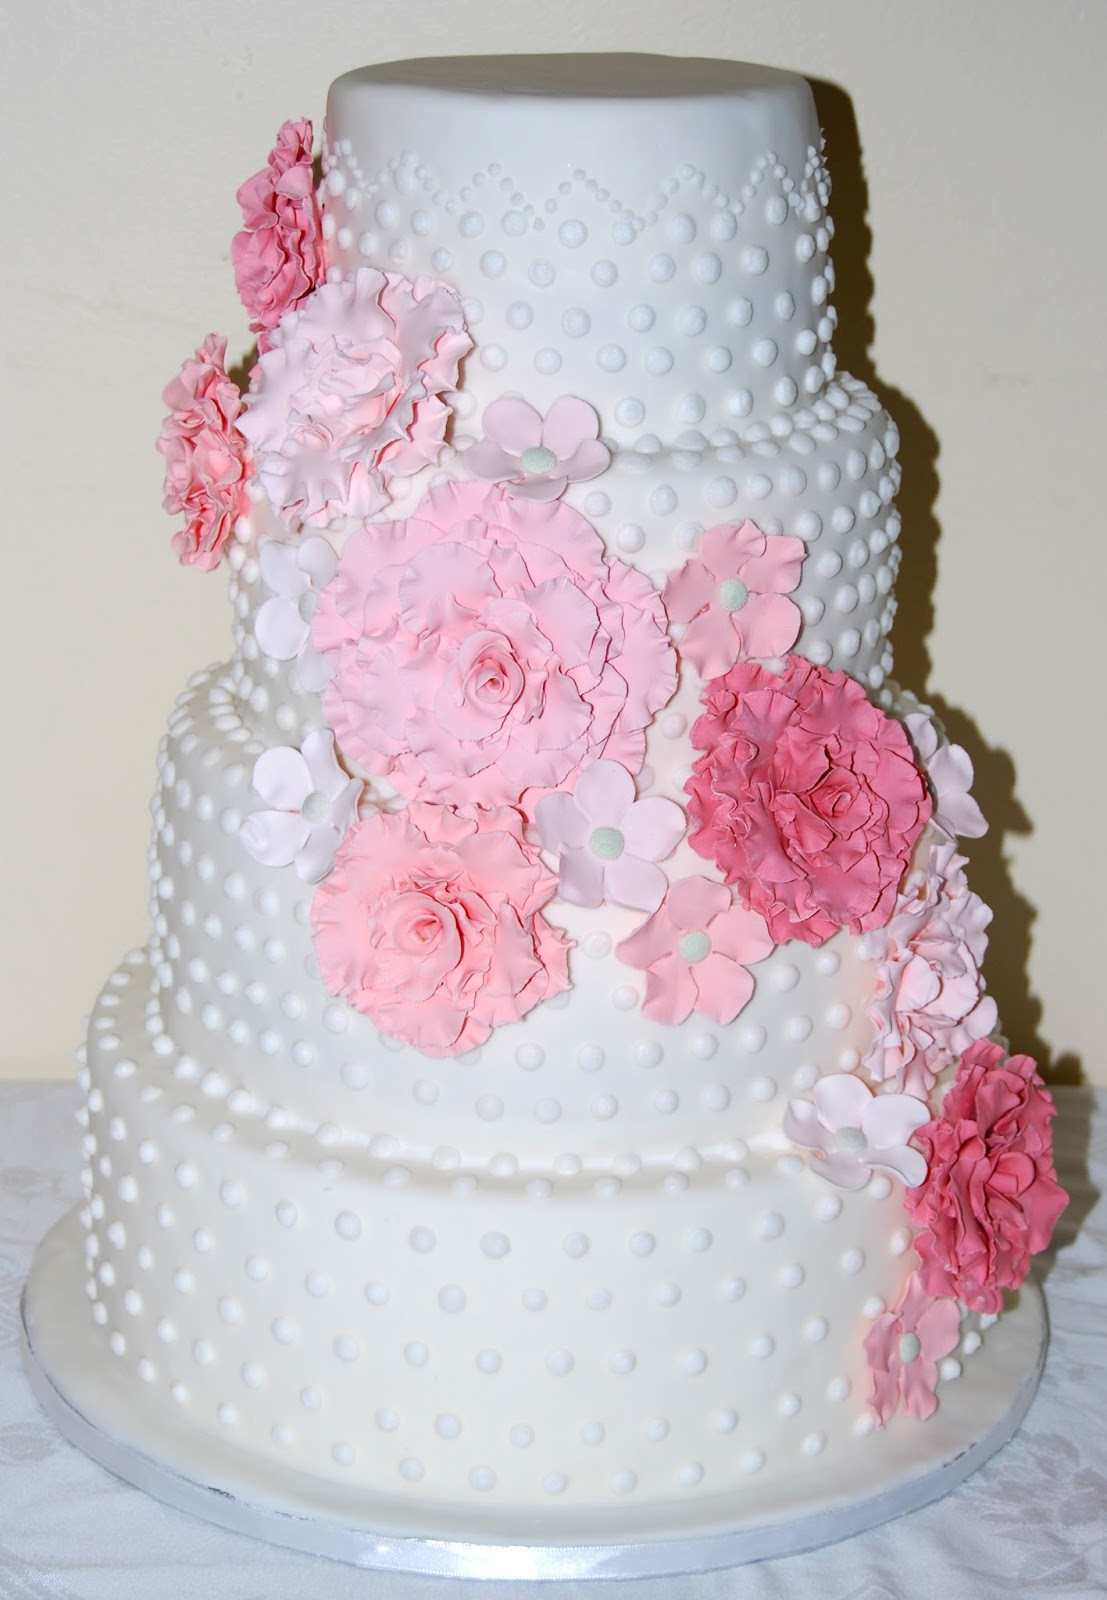 Romantic Wedding Cakes  Leelees Cake abilities Romantic Wedding Cake